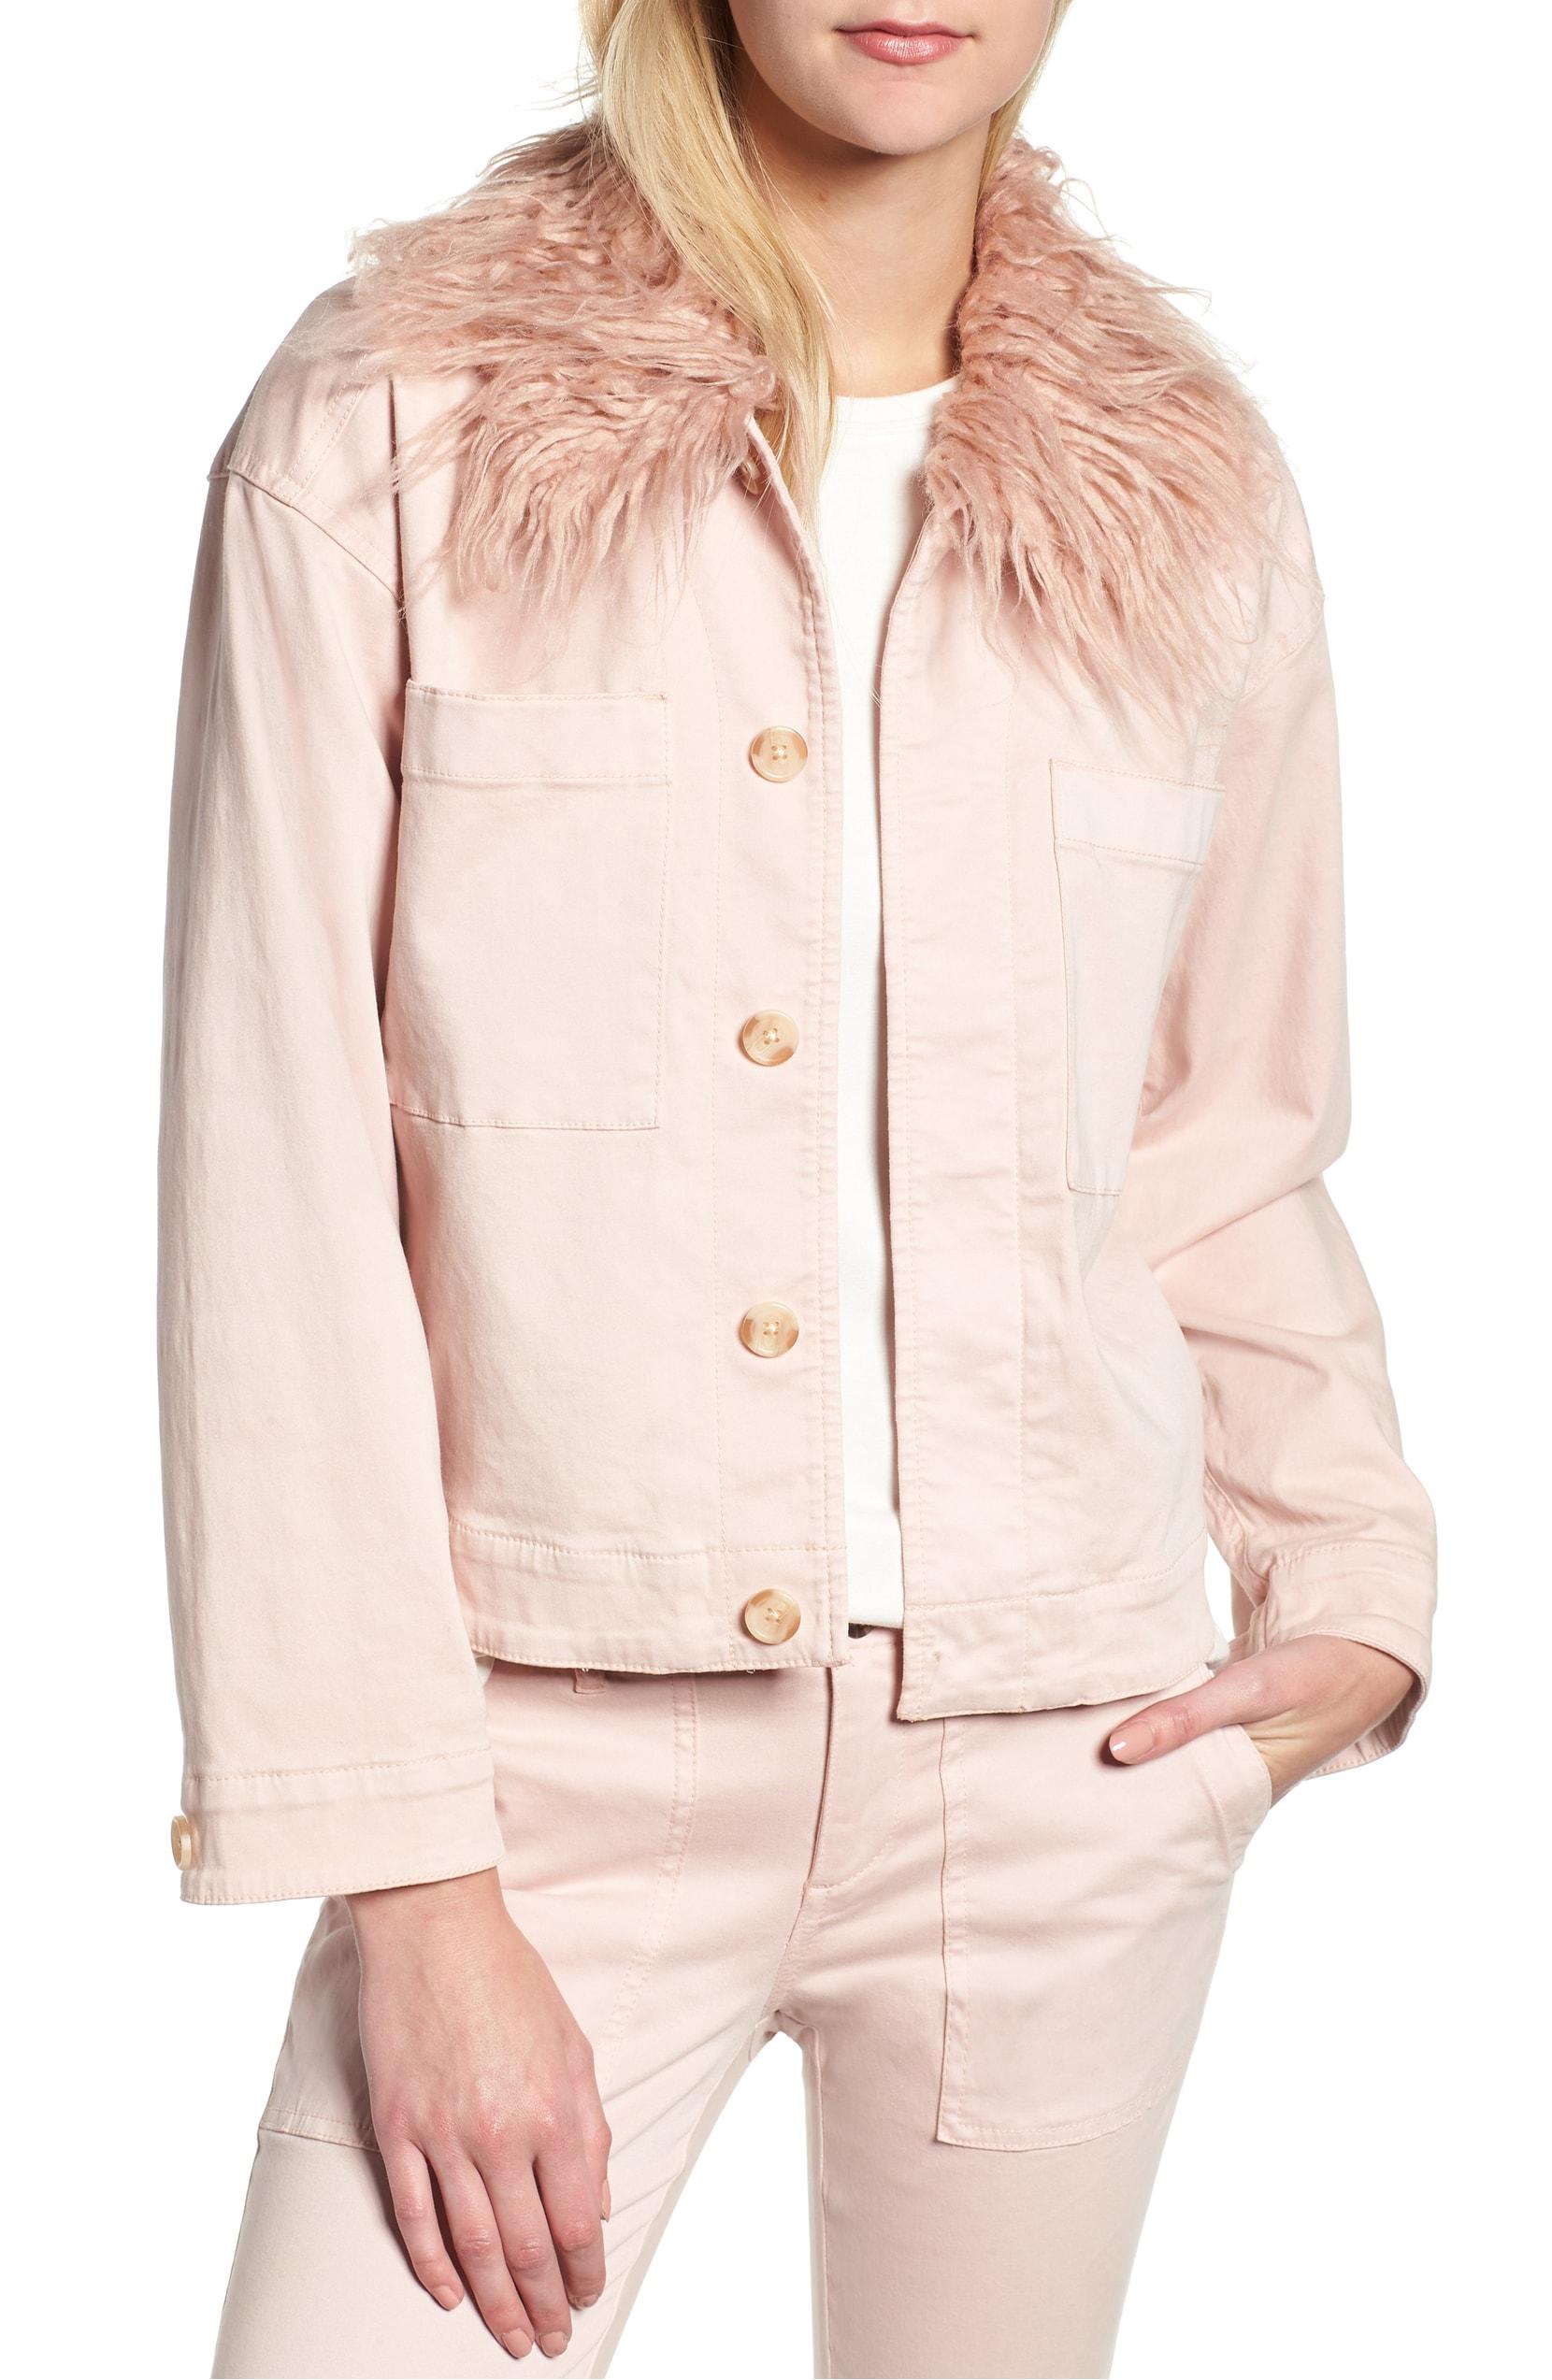 lou & grey frosé utility jacket